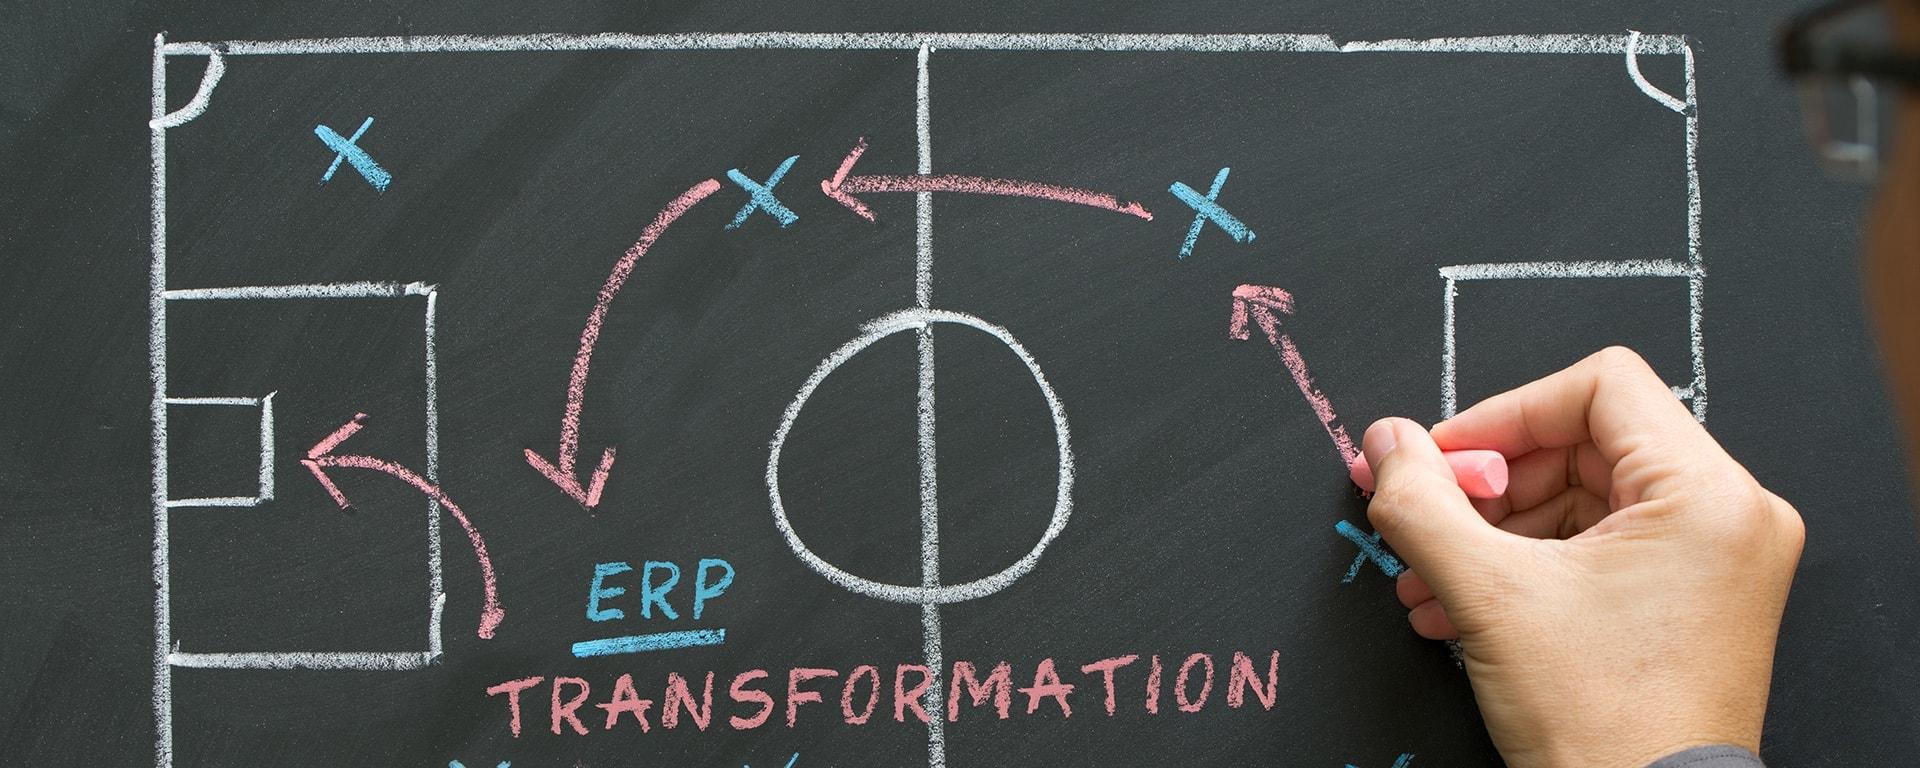 Pourquoi miser sur la transformation ERP est essentiel aujourd'hui ?